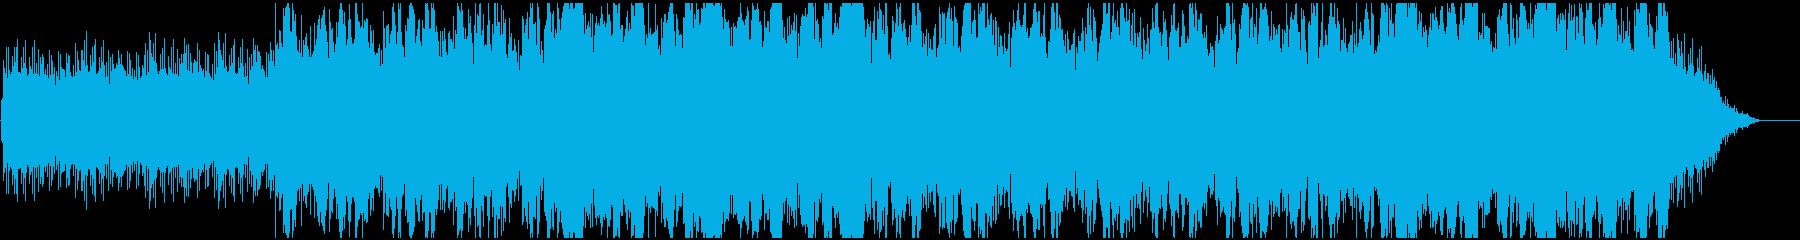 RPGの幻想的な雰囲気のある楽曲の再生済みの波形